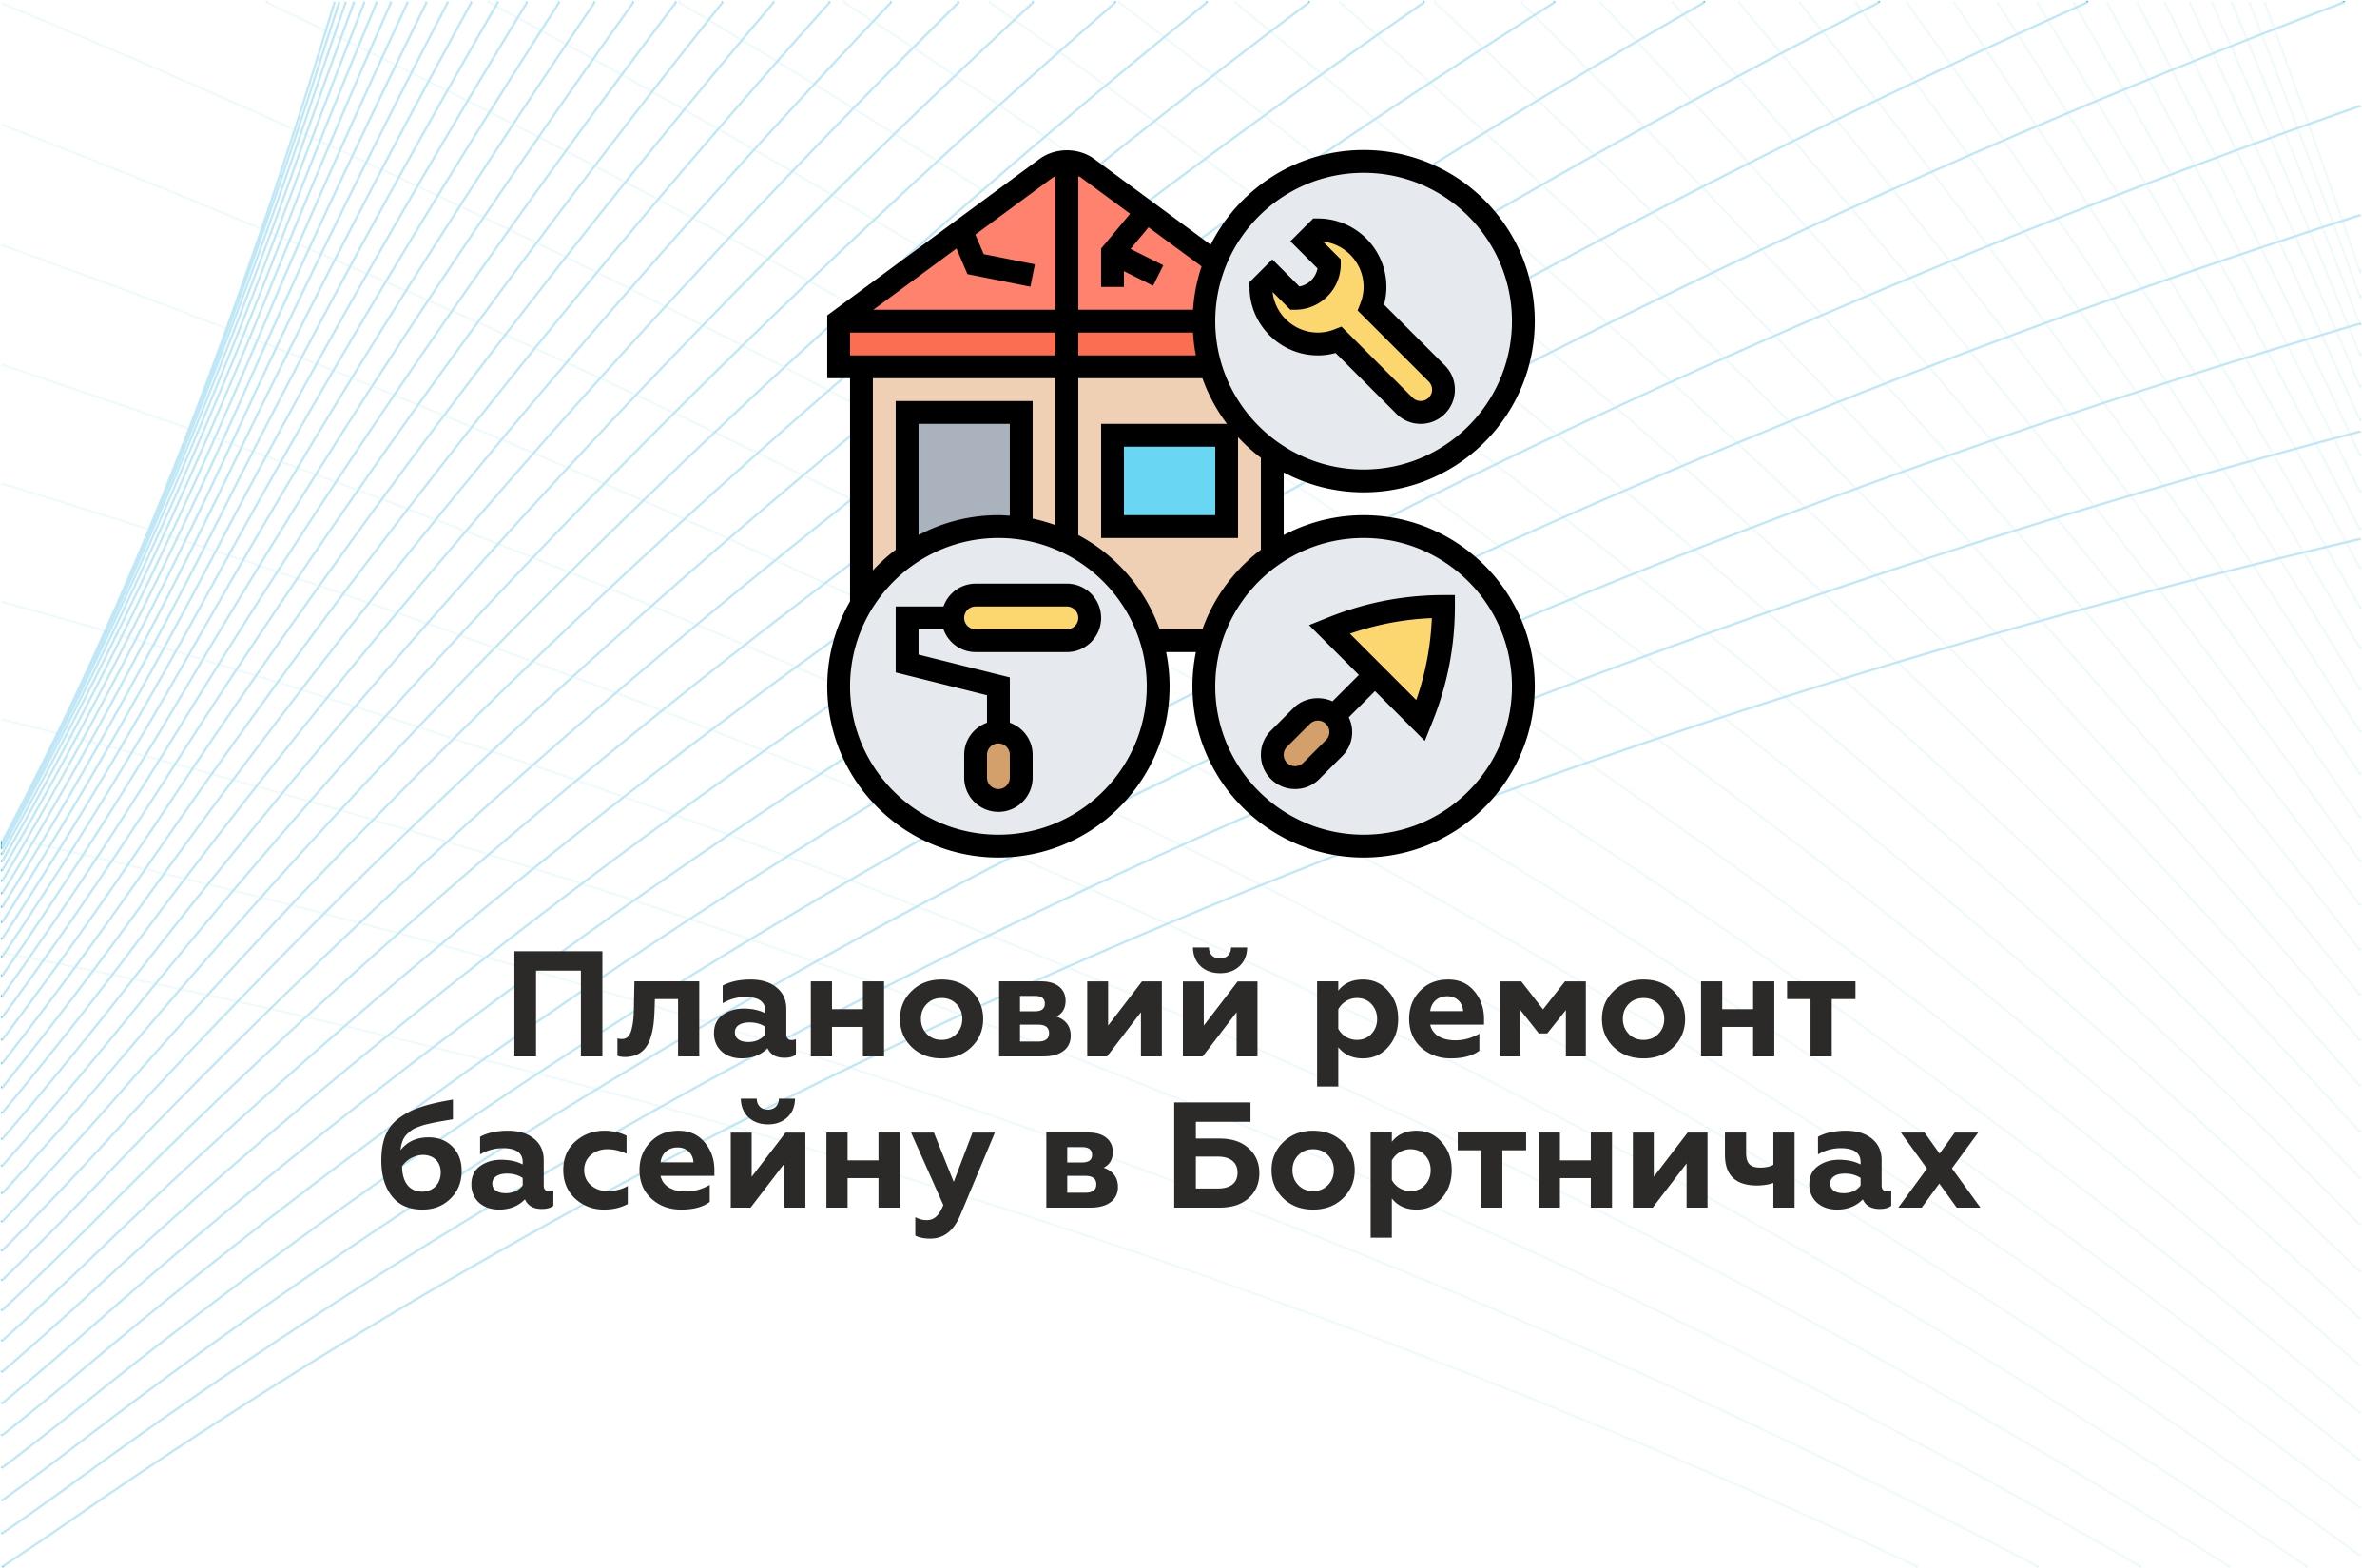 СК Бортничи: закрывается на ремонт